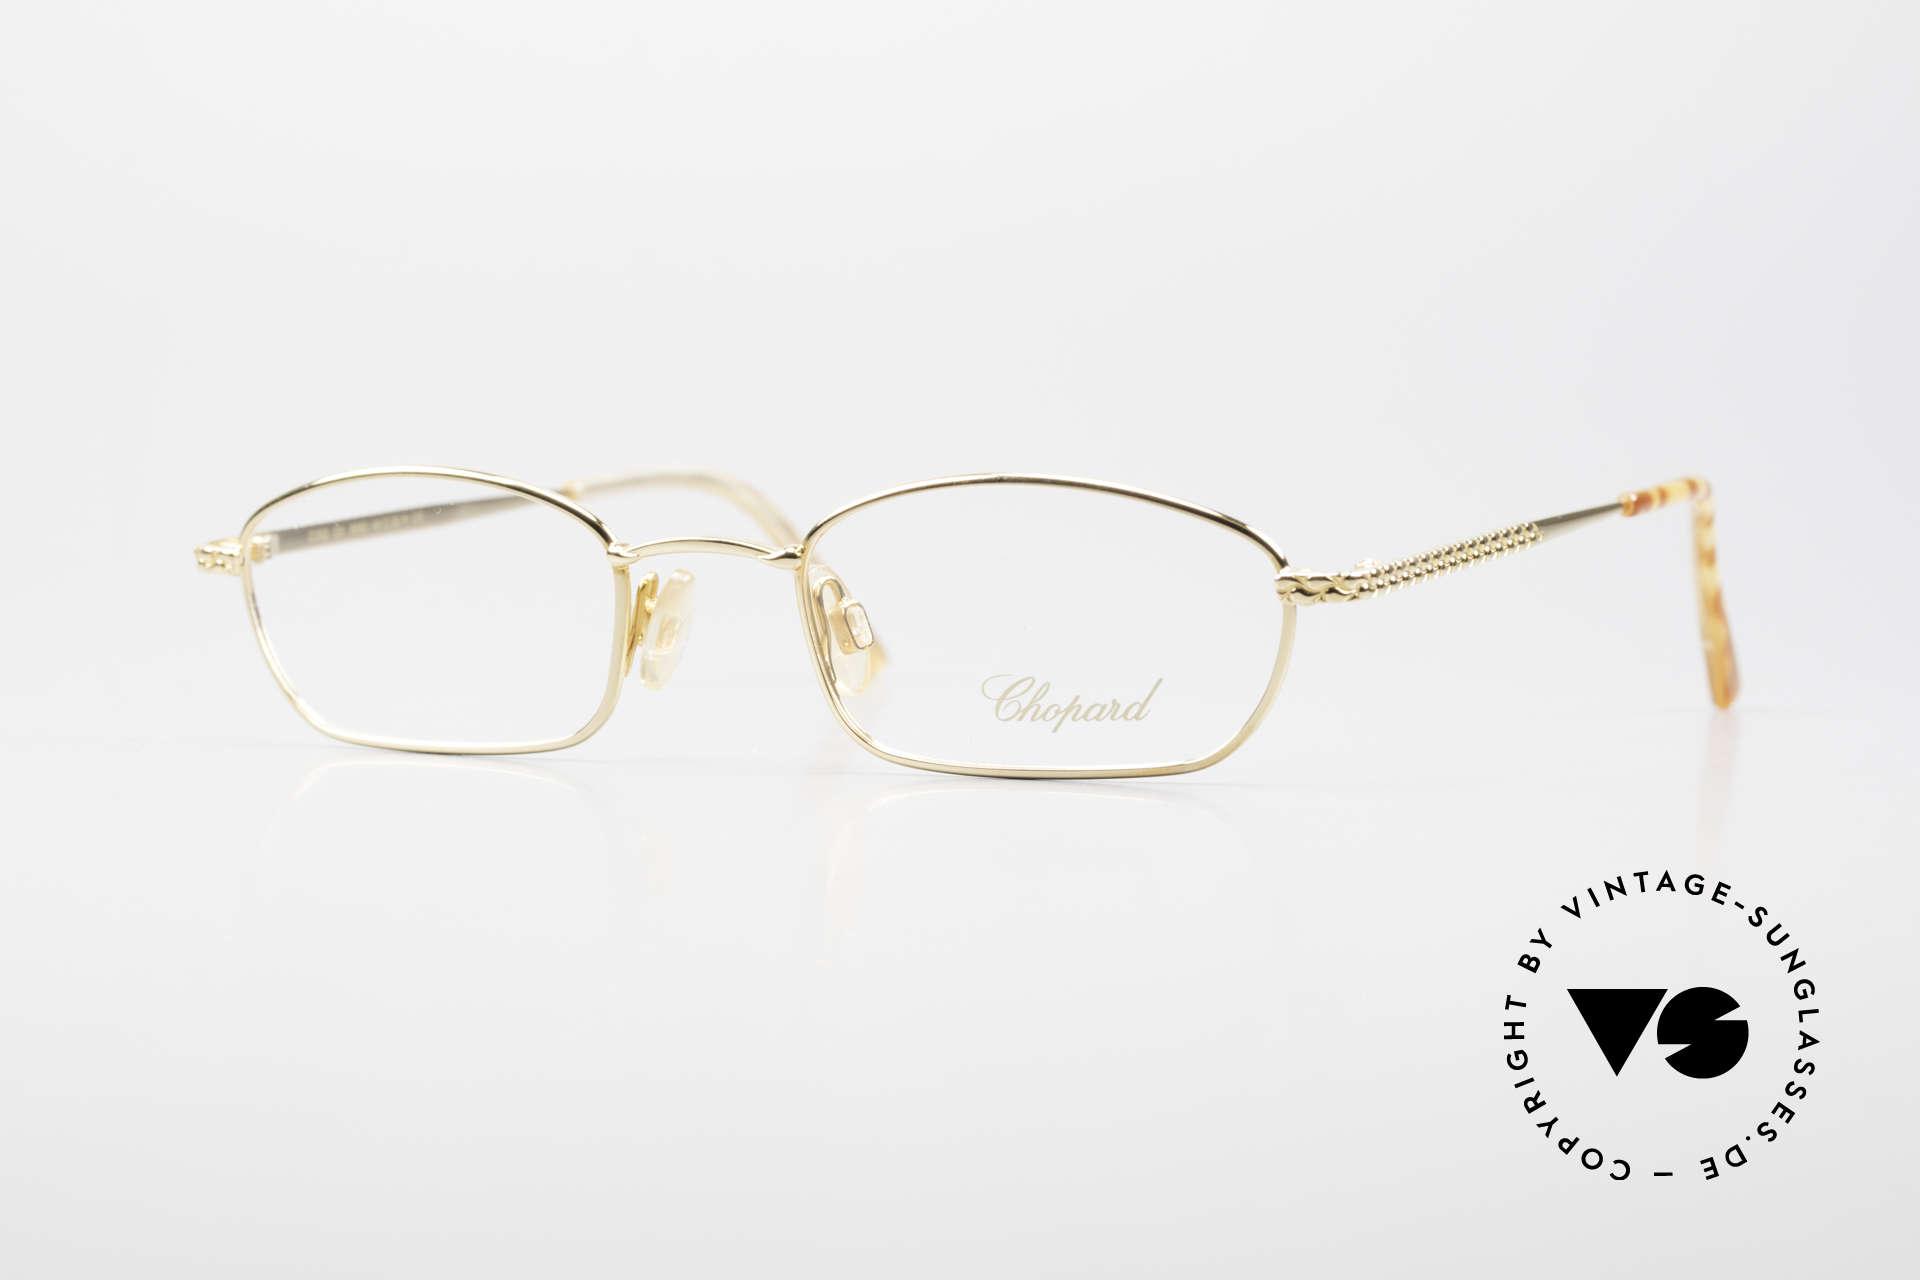 Chopard C052 Ladies Luxury Glasses 2000's, vertu: amazing ladies' eyeglasses by CHOPARD =, Made for Women